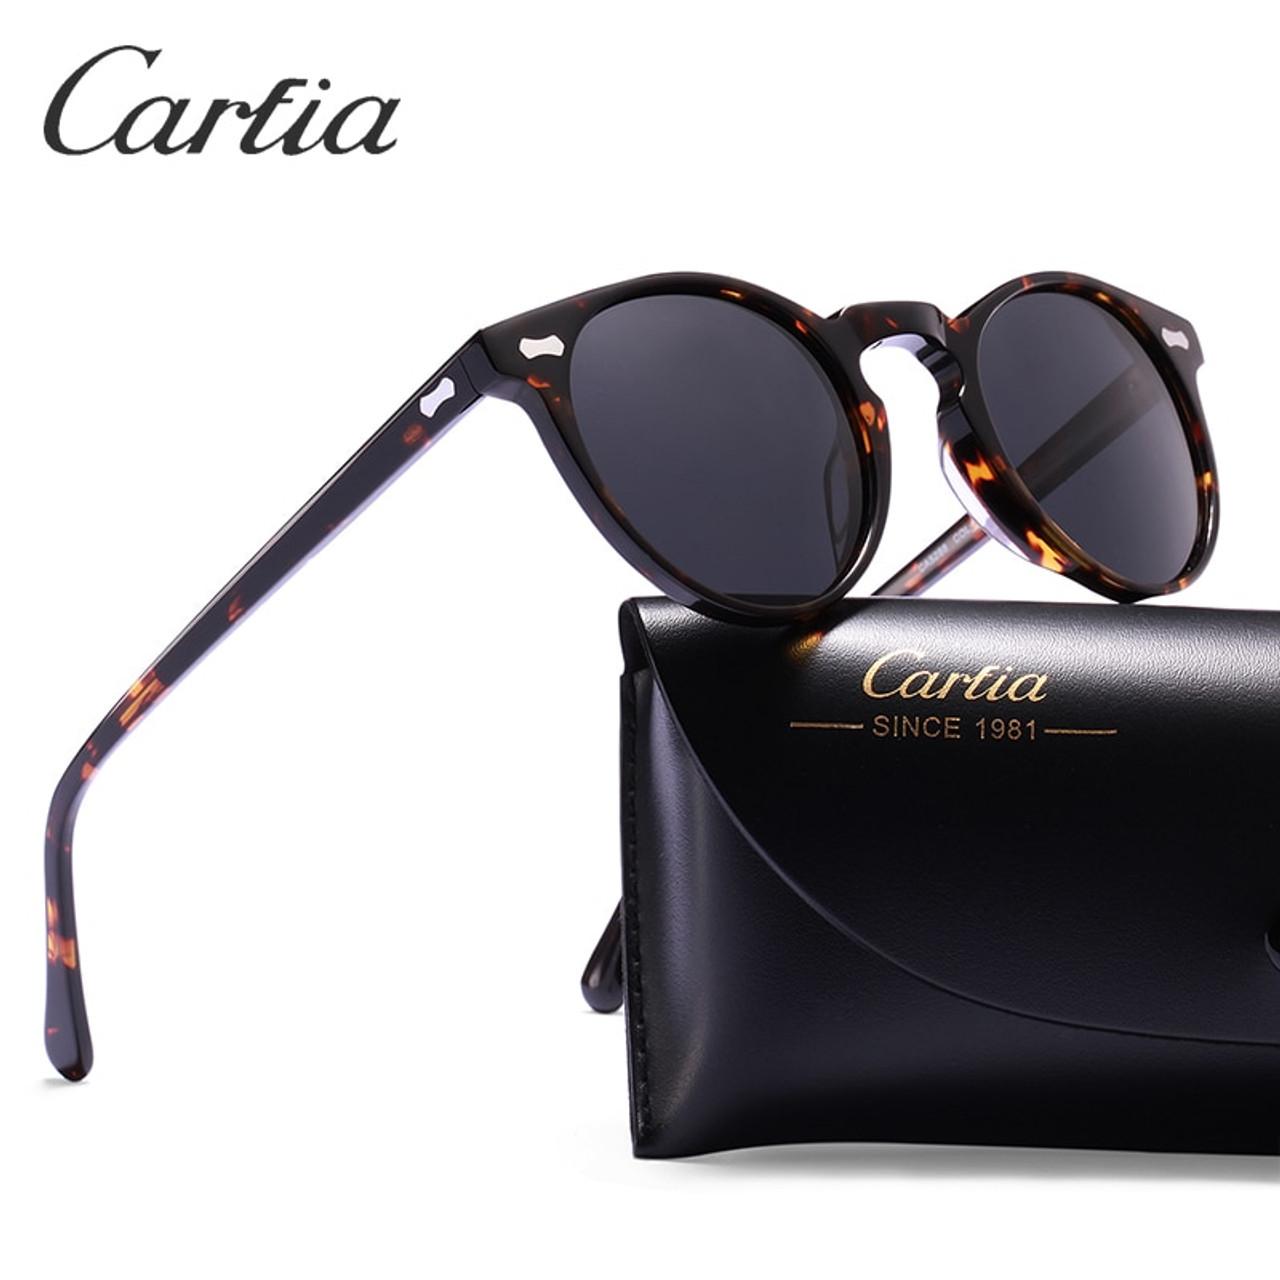 3e26c3d553 Carfia Polarized Sunglasses Classical Brand Designer Gregory Peck Vintage  Sunglasses Men Women Round Sun Glasses 100% UV400 5288 - OnshopDeals.Com